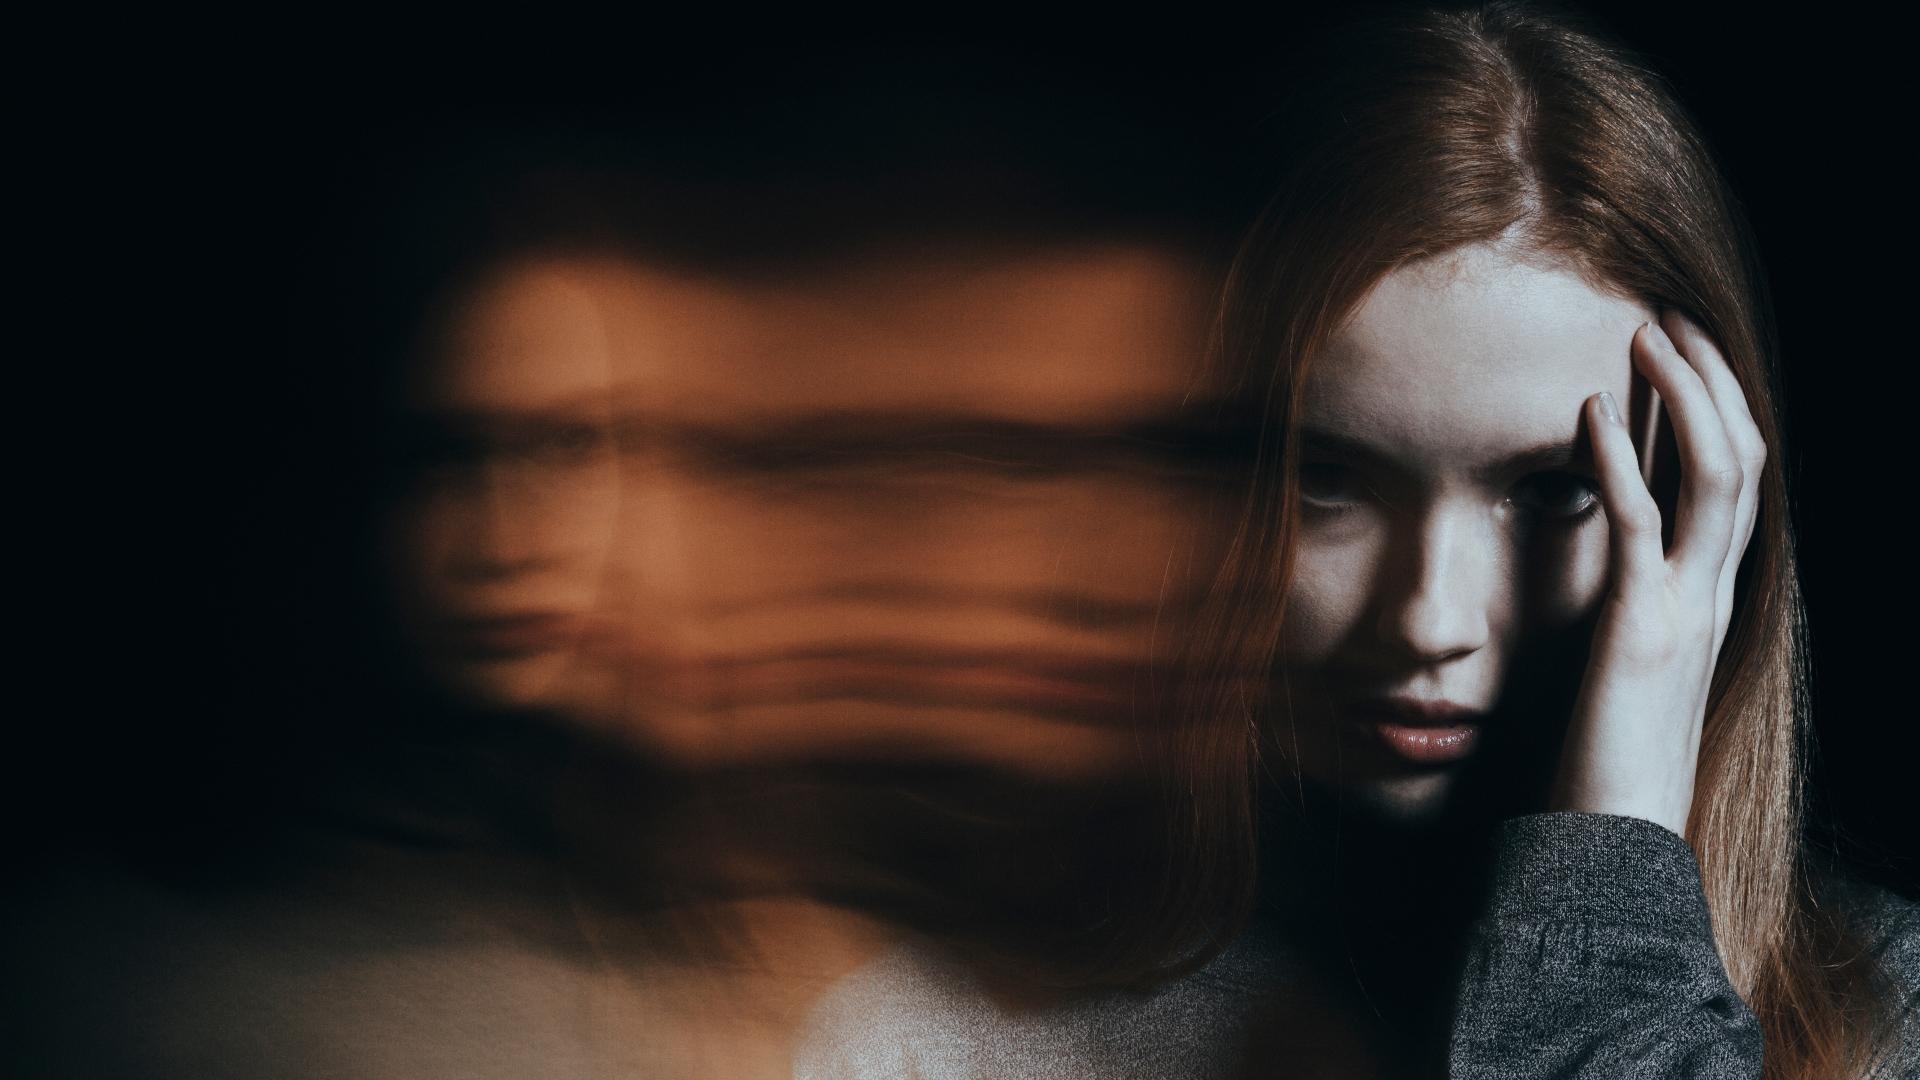 Разговоры о звуках предсказали развитие психоза